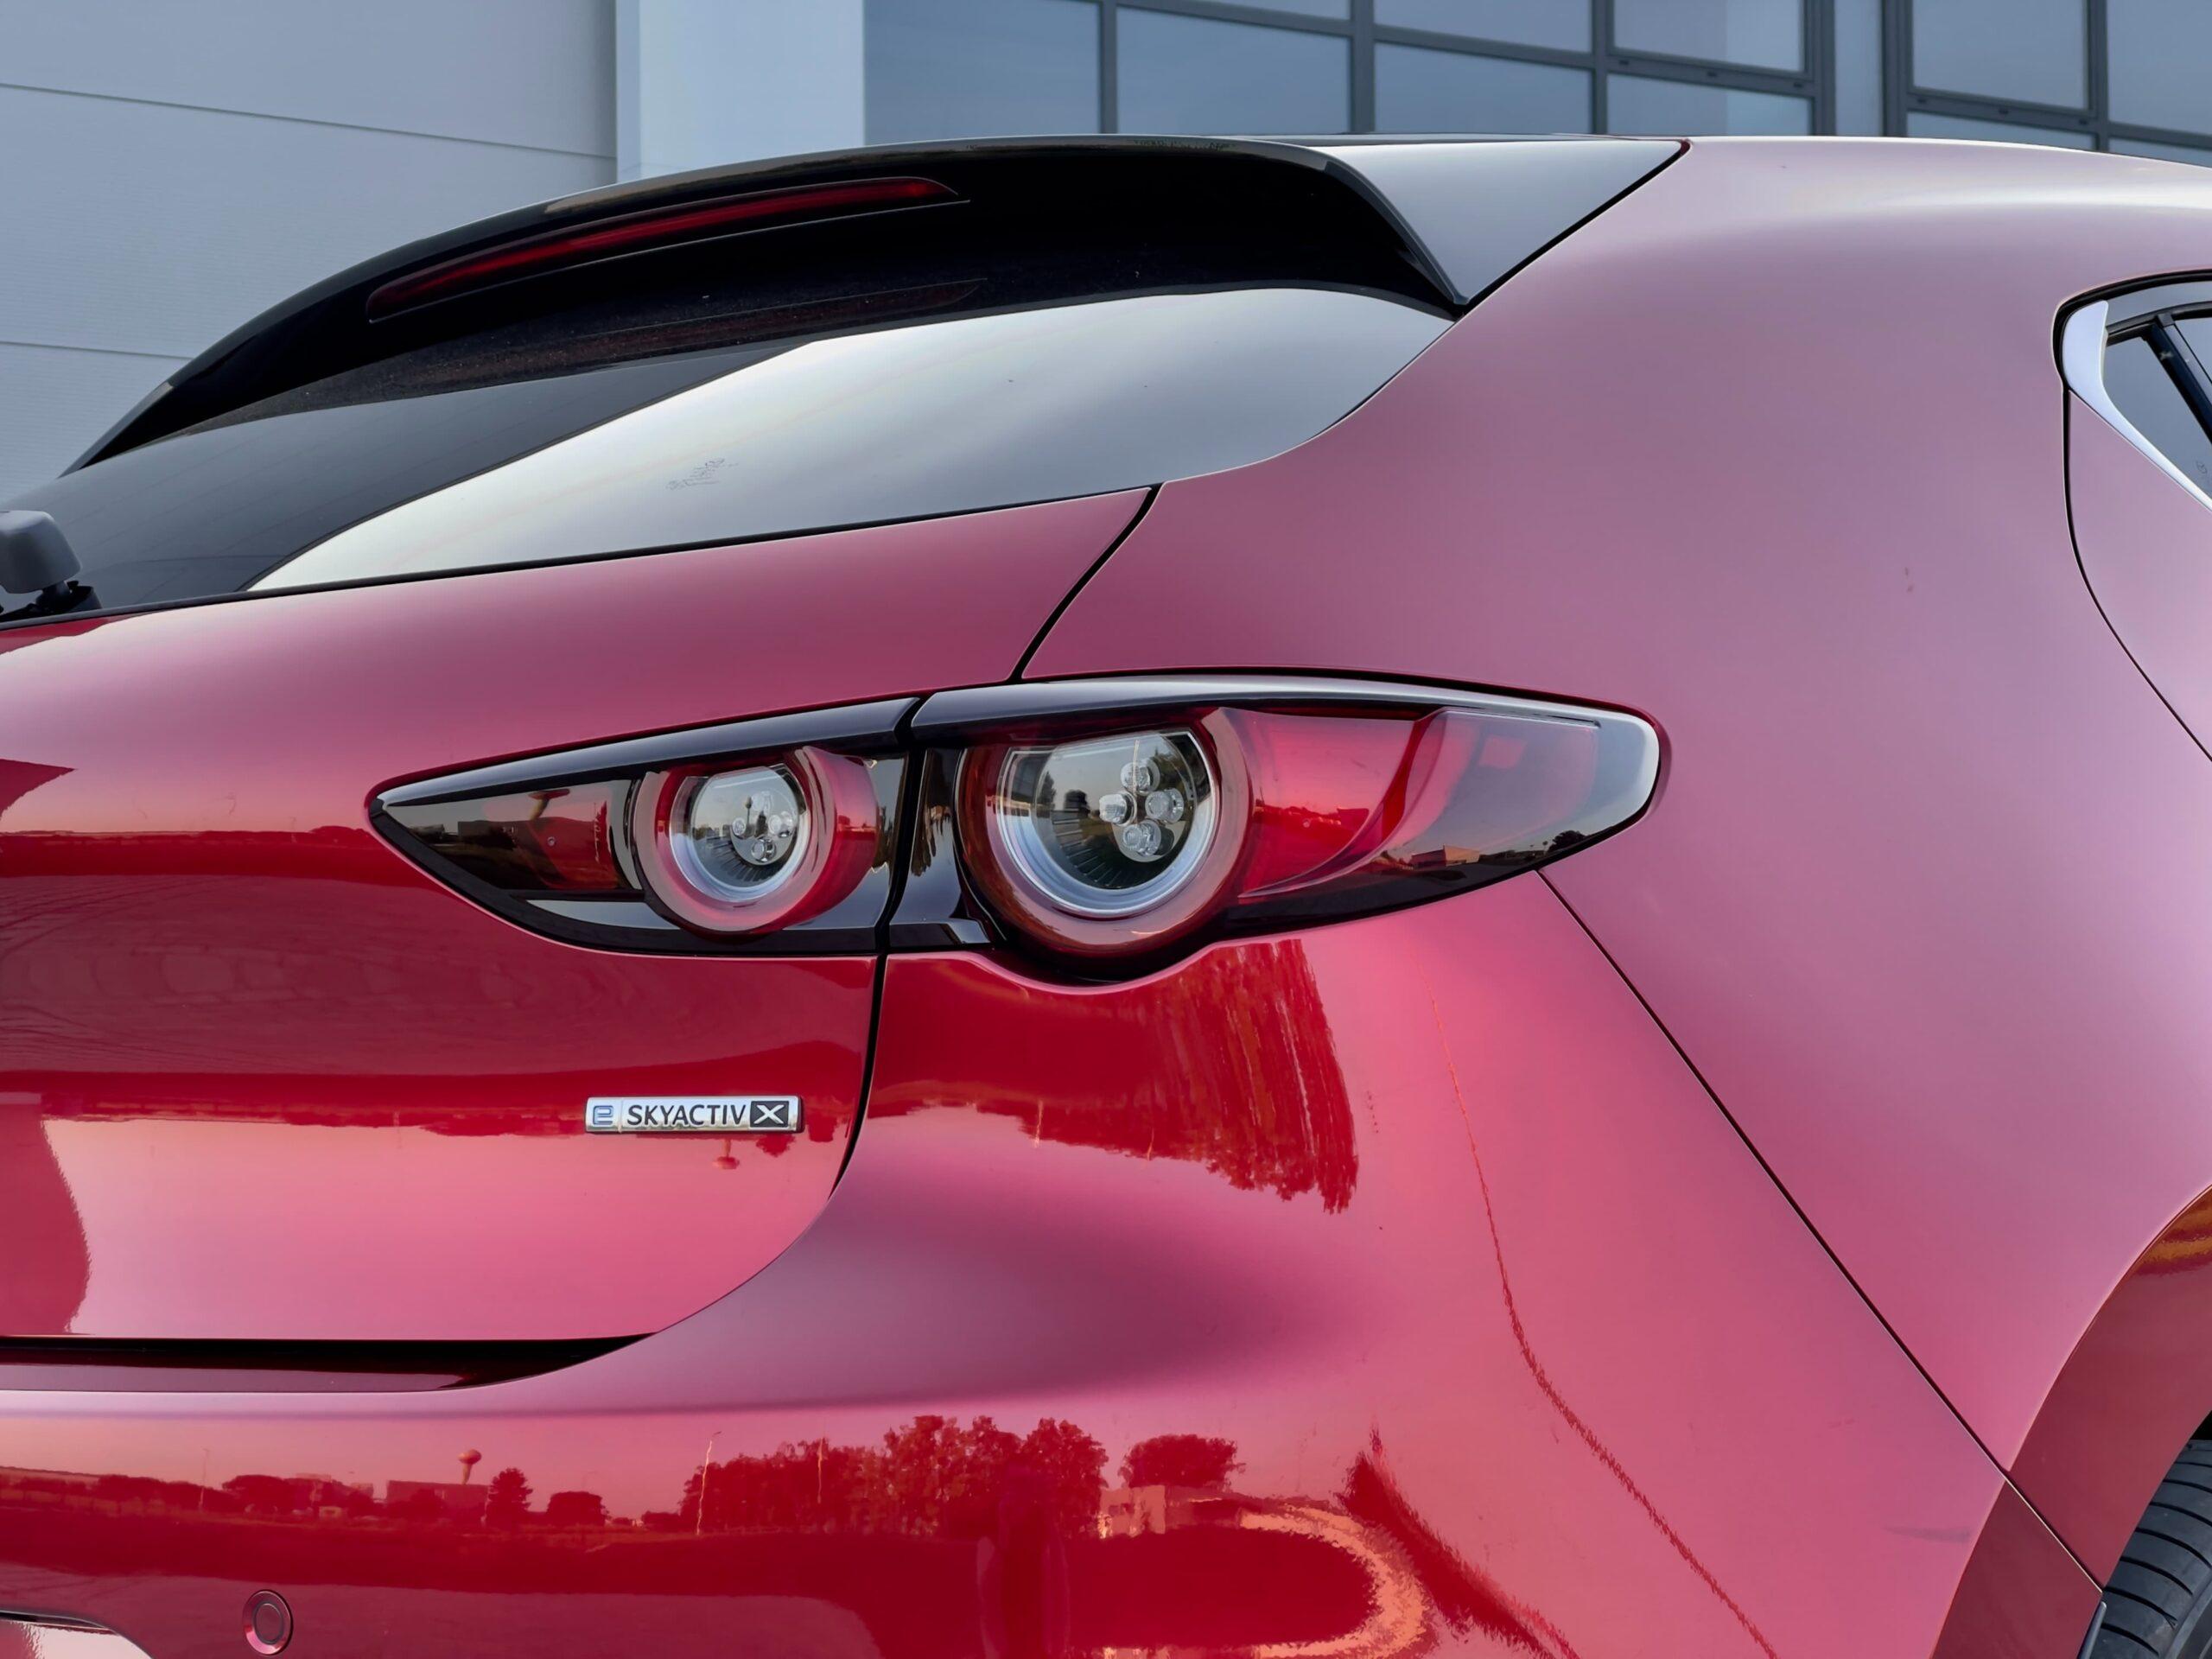 Mazda 3_e-skyactiv x_4